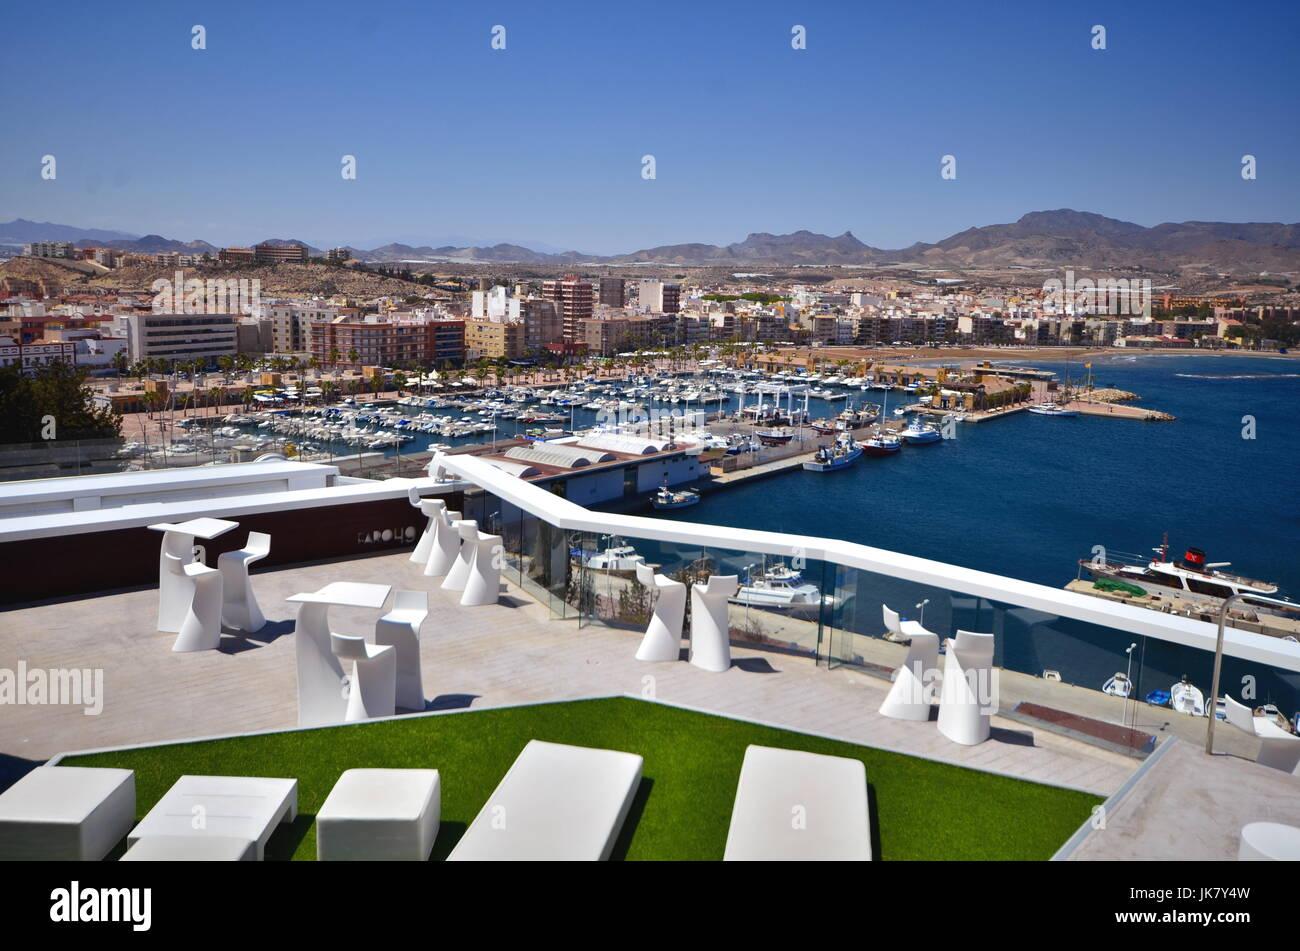 Puerto de Mazarrón, Murcia. Stock Photo